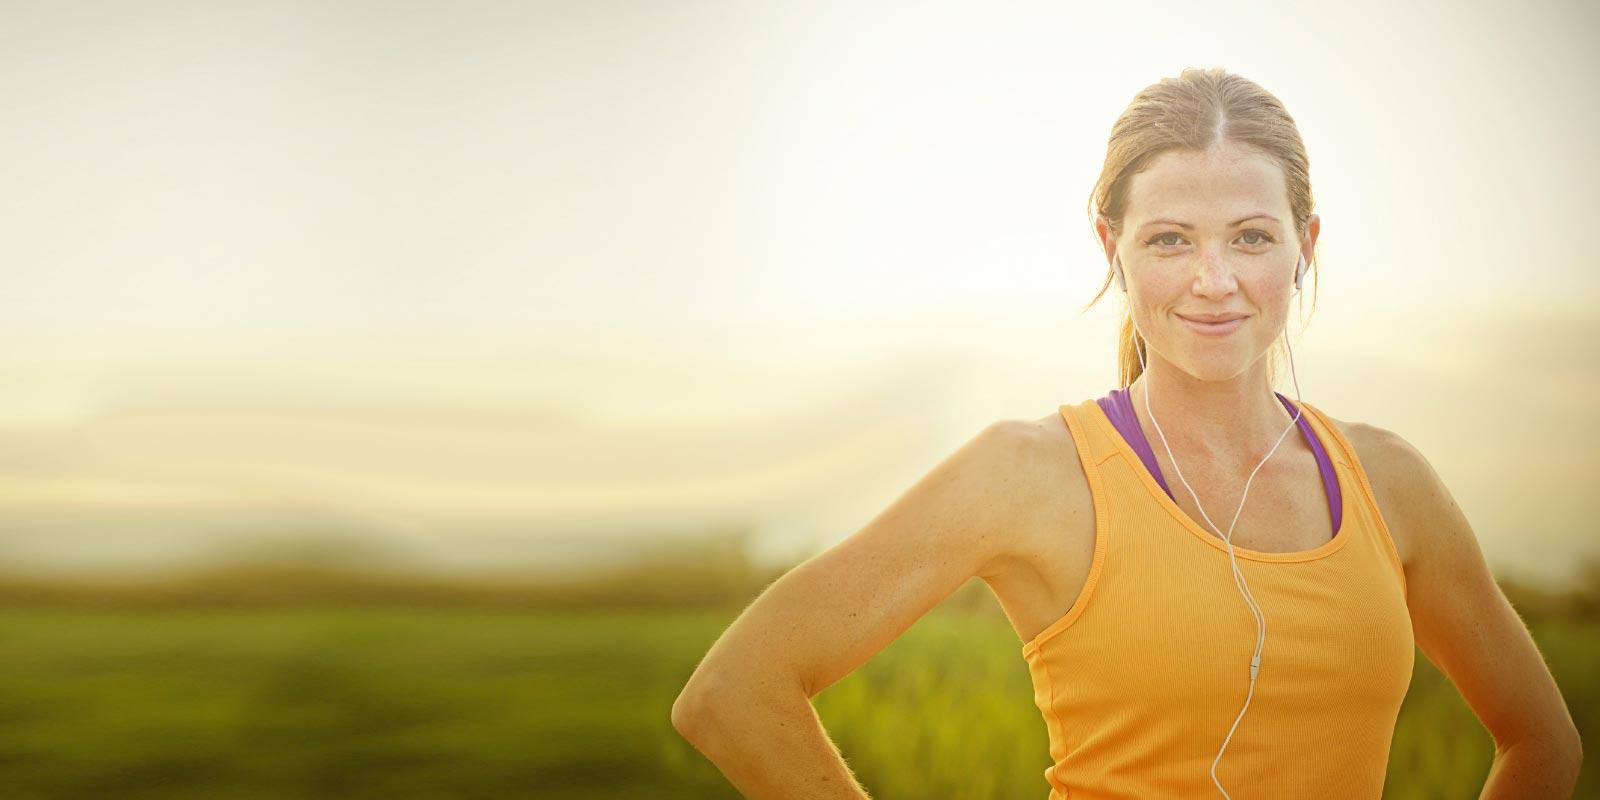 A happy female wearing sports gear